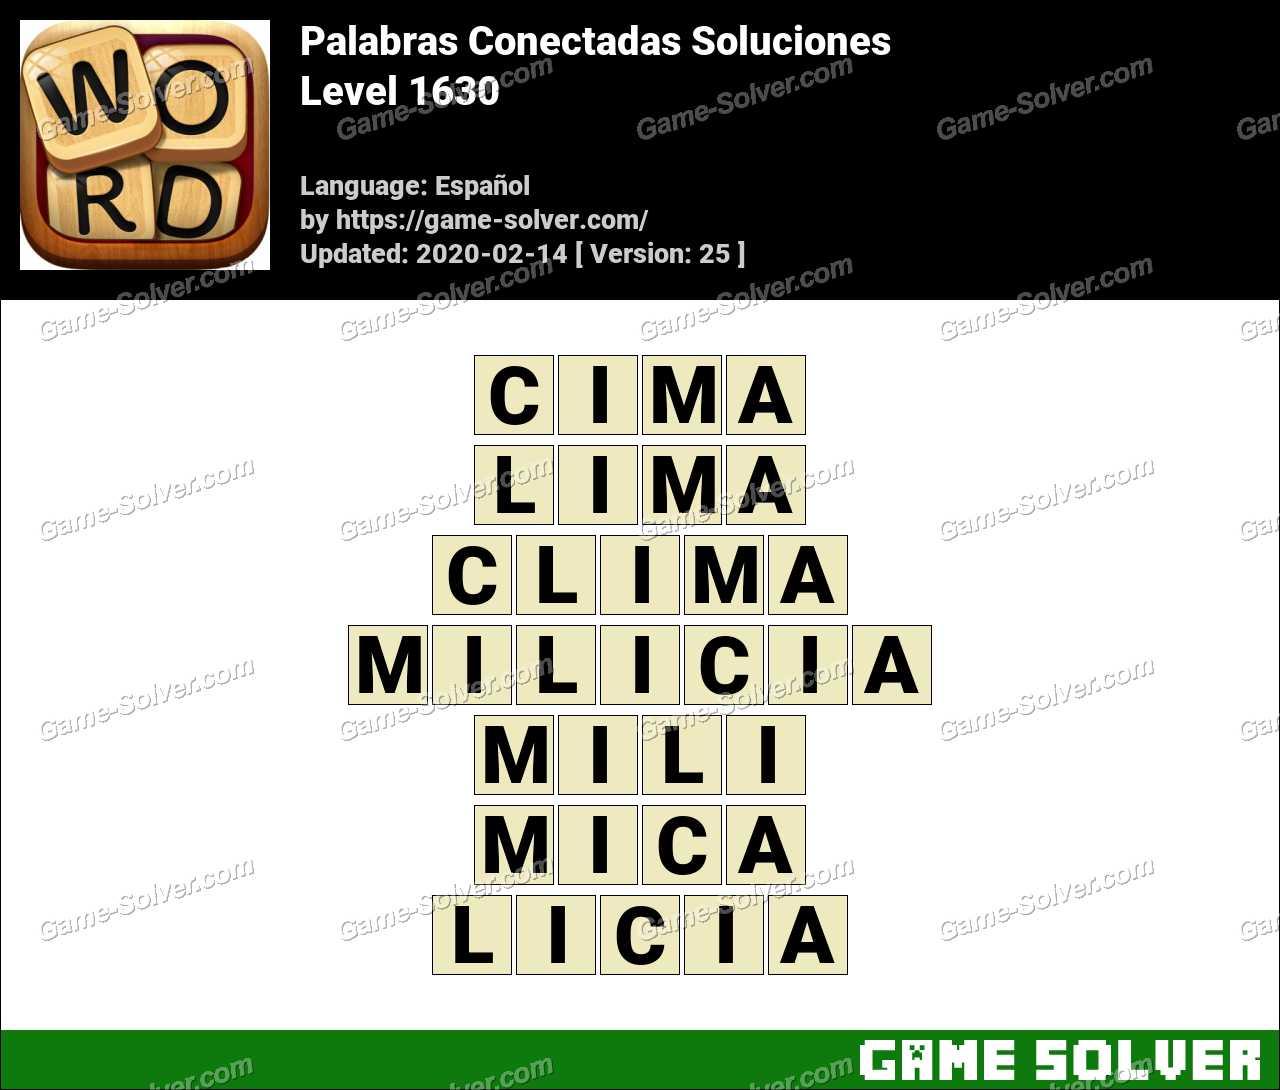 Palabras Conectadas Nivel 1630 Soluciones